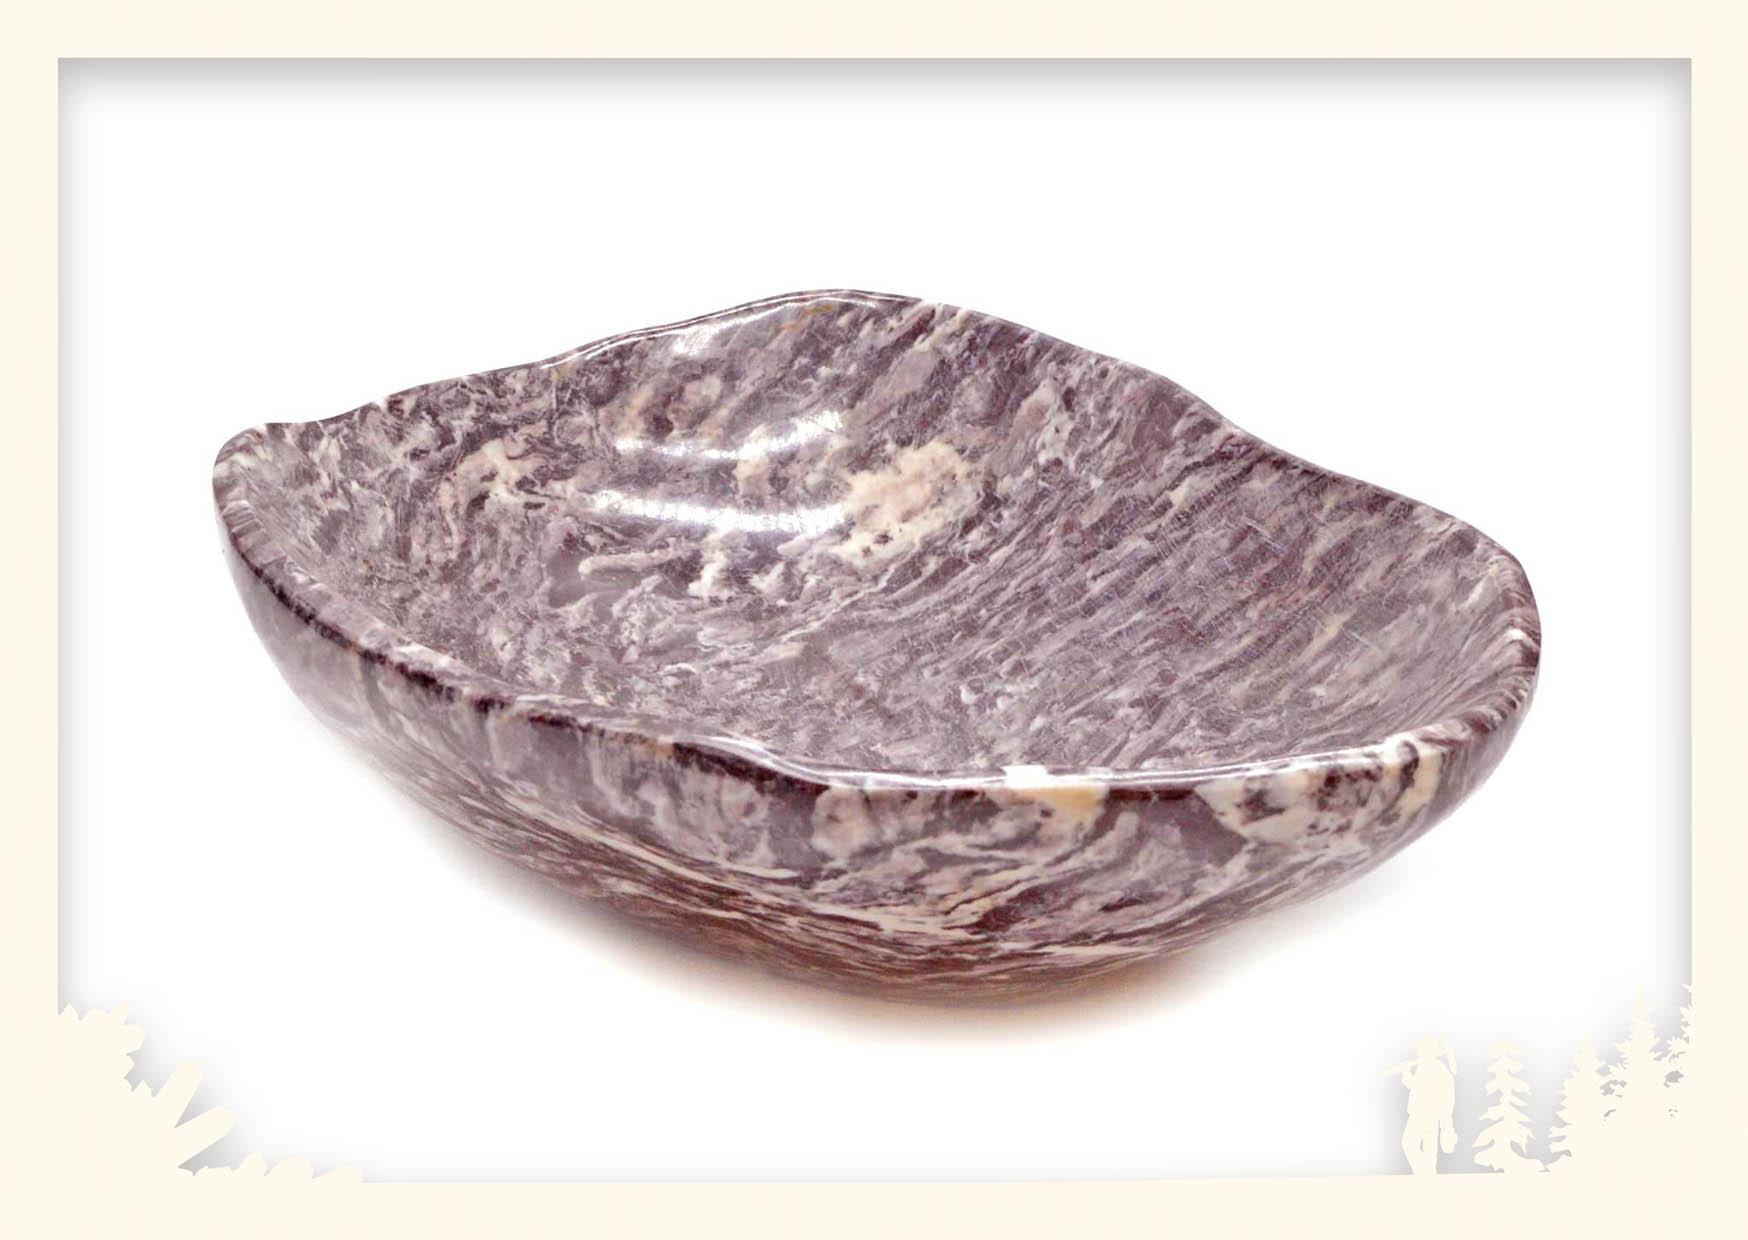 Steinschale Kalk Porphyr Image